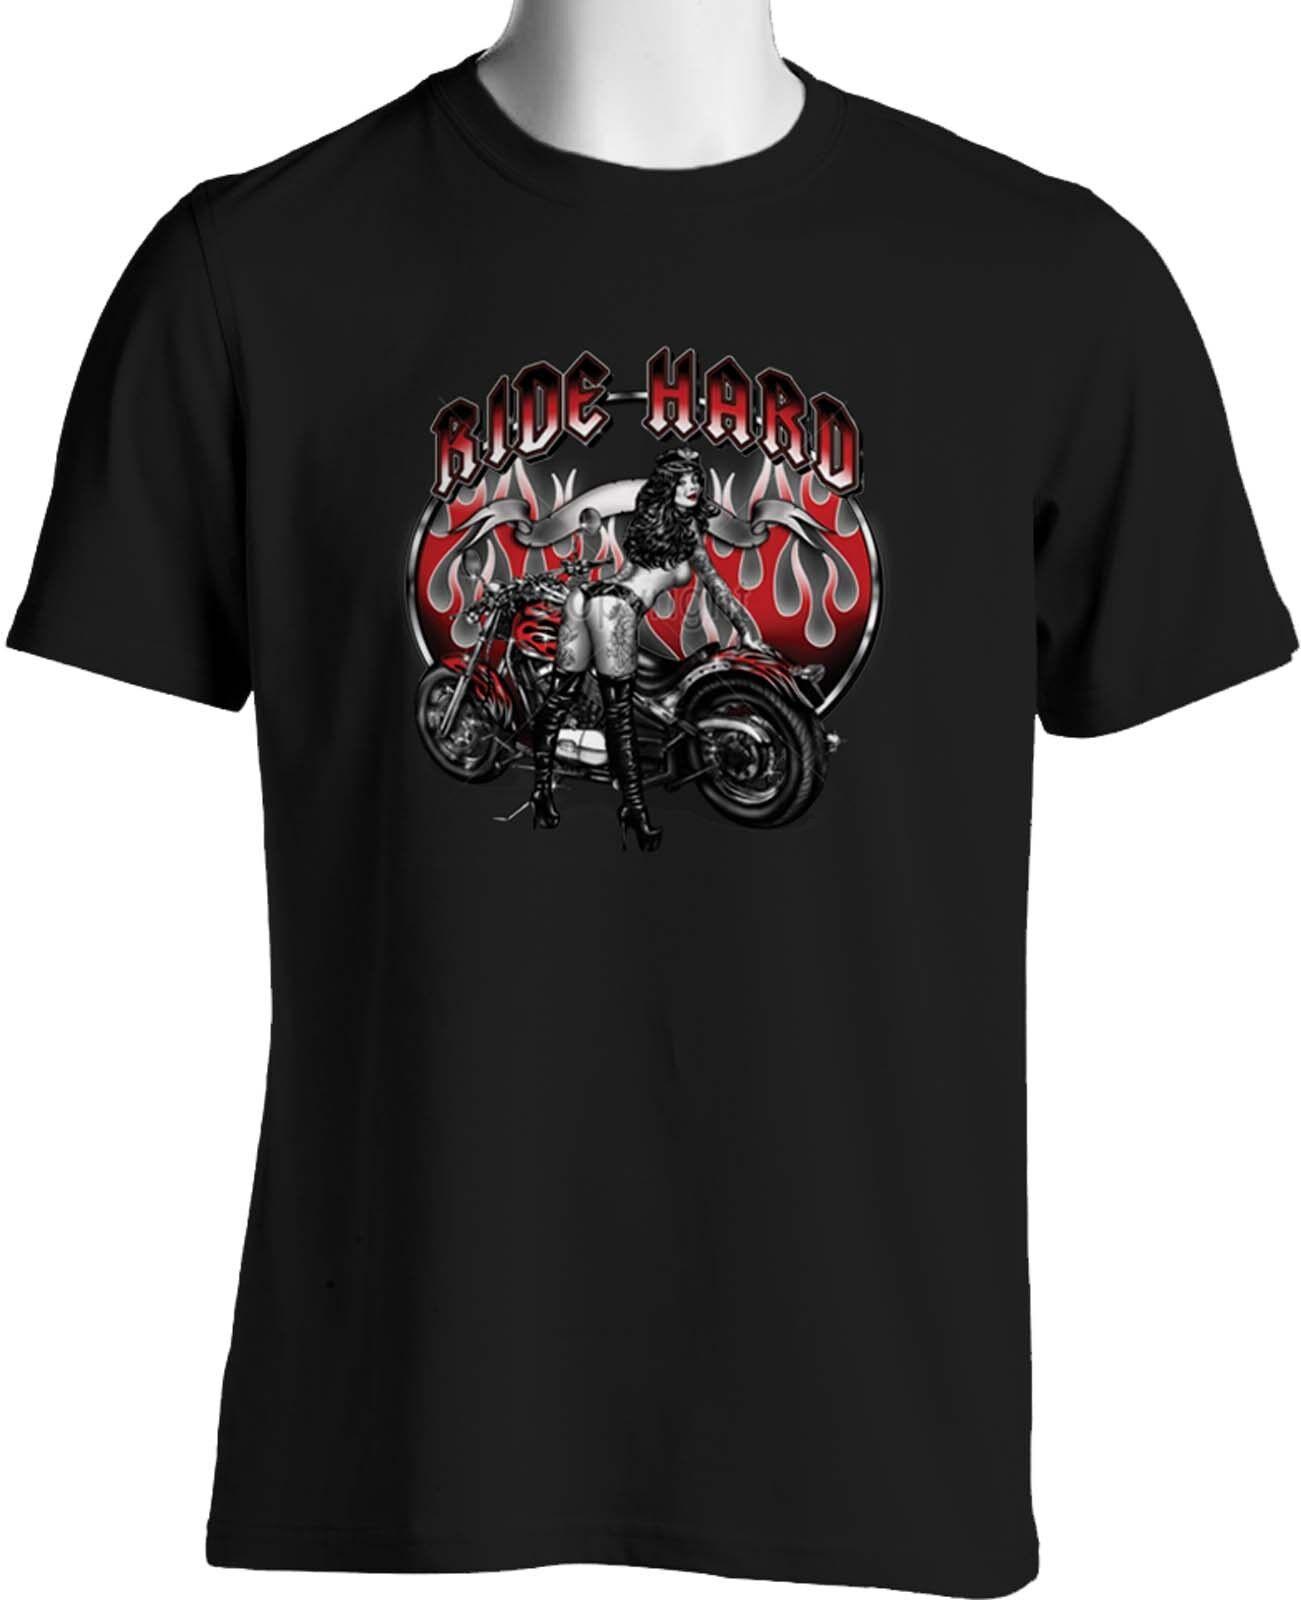 Biker T-shirts Tattoo Girls ROT Hot Flames Custom Chopper  Herren Big & Tall 7X 8X